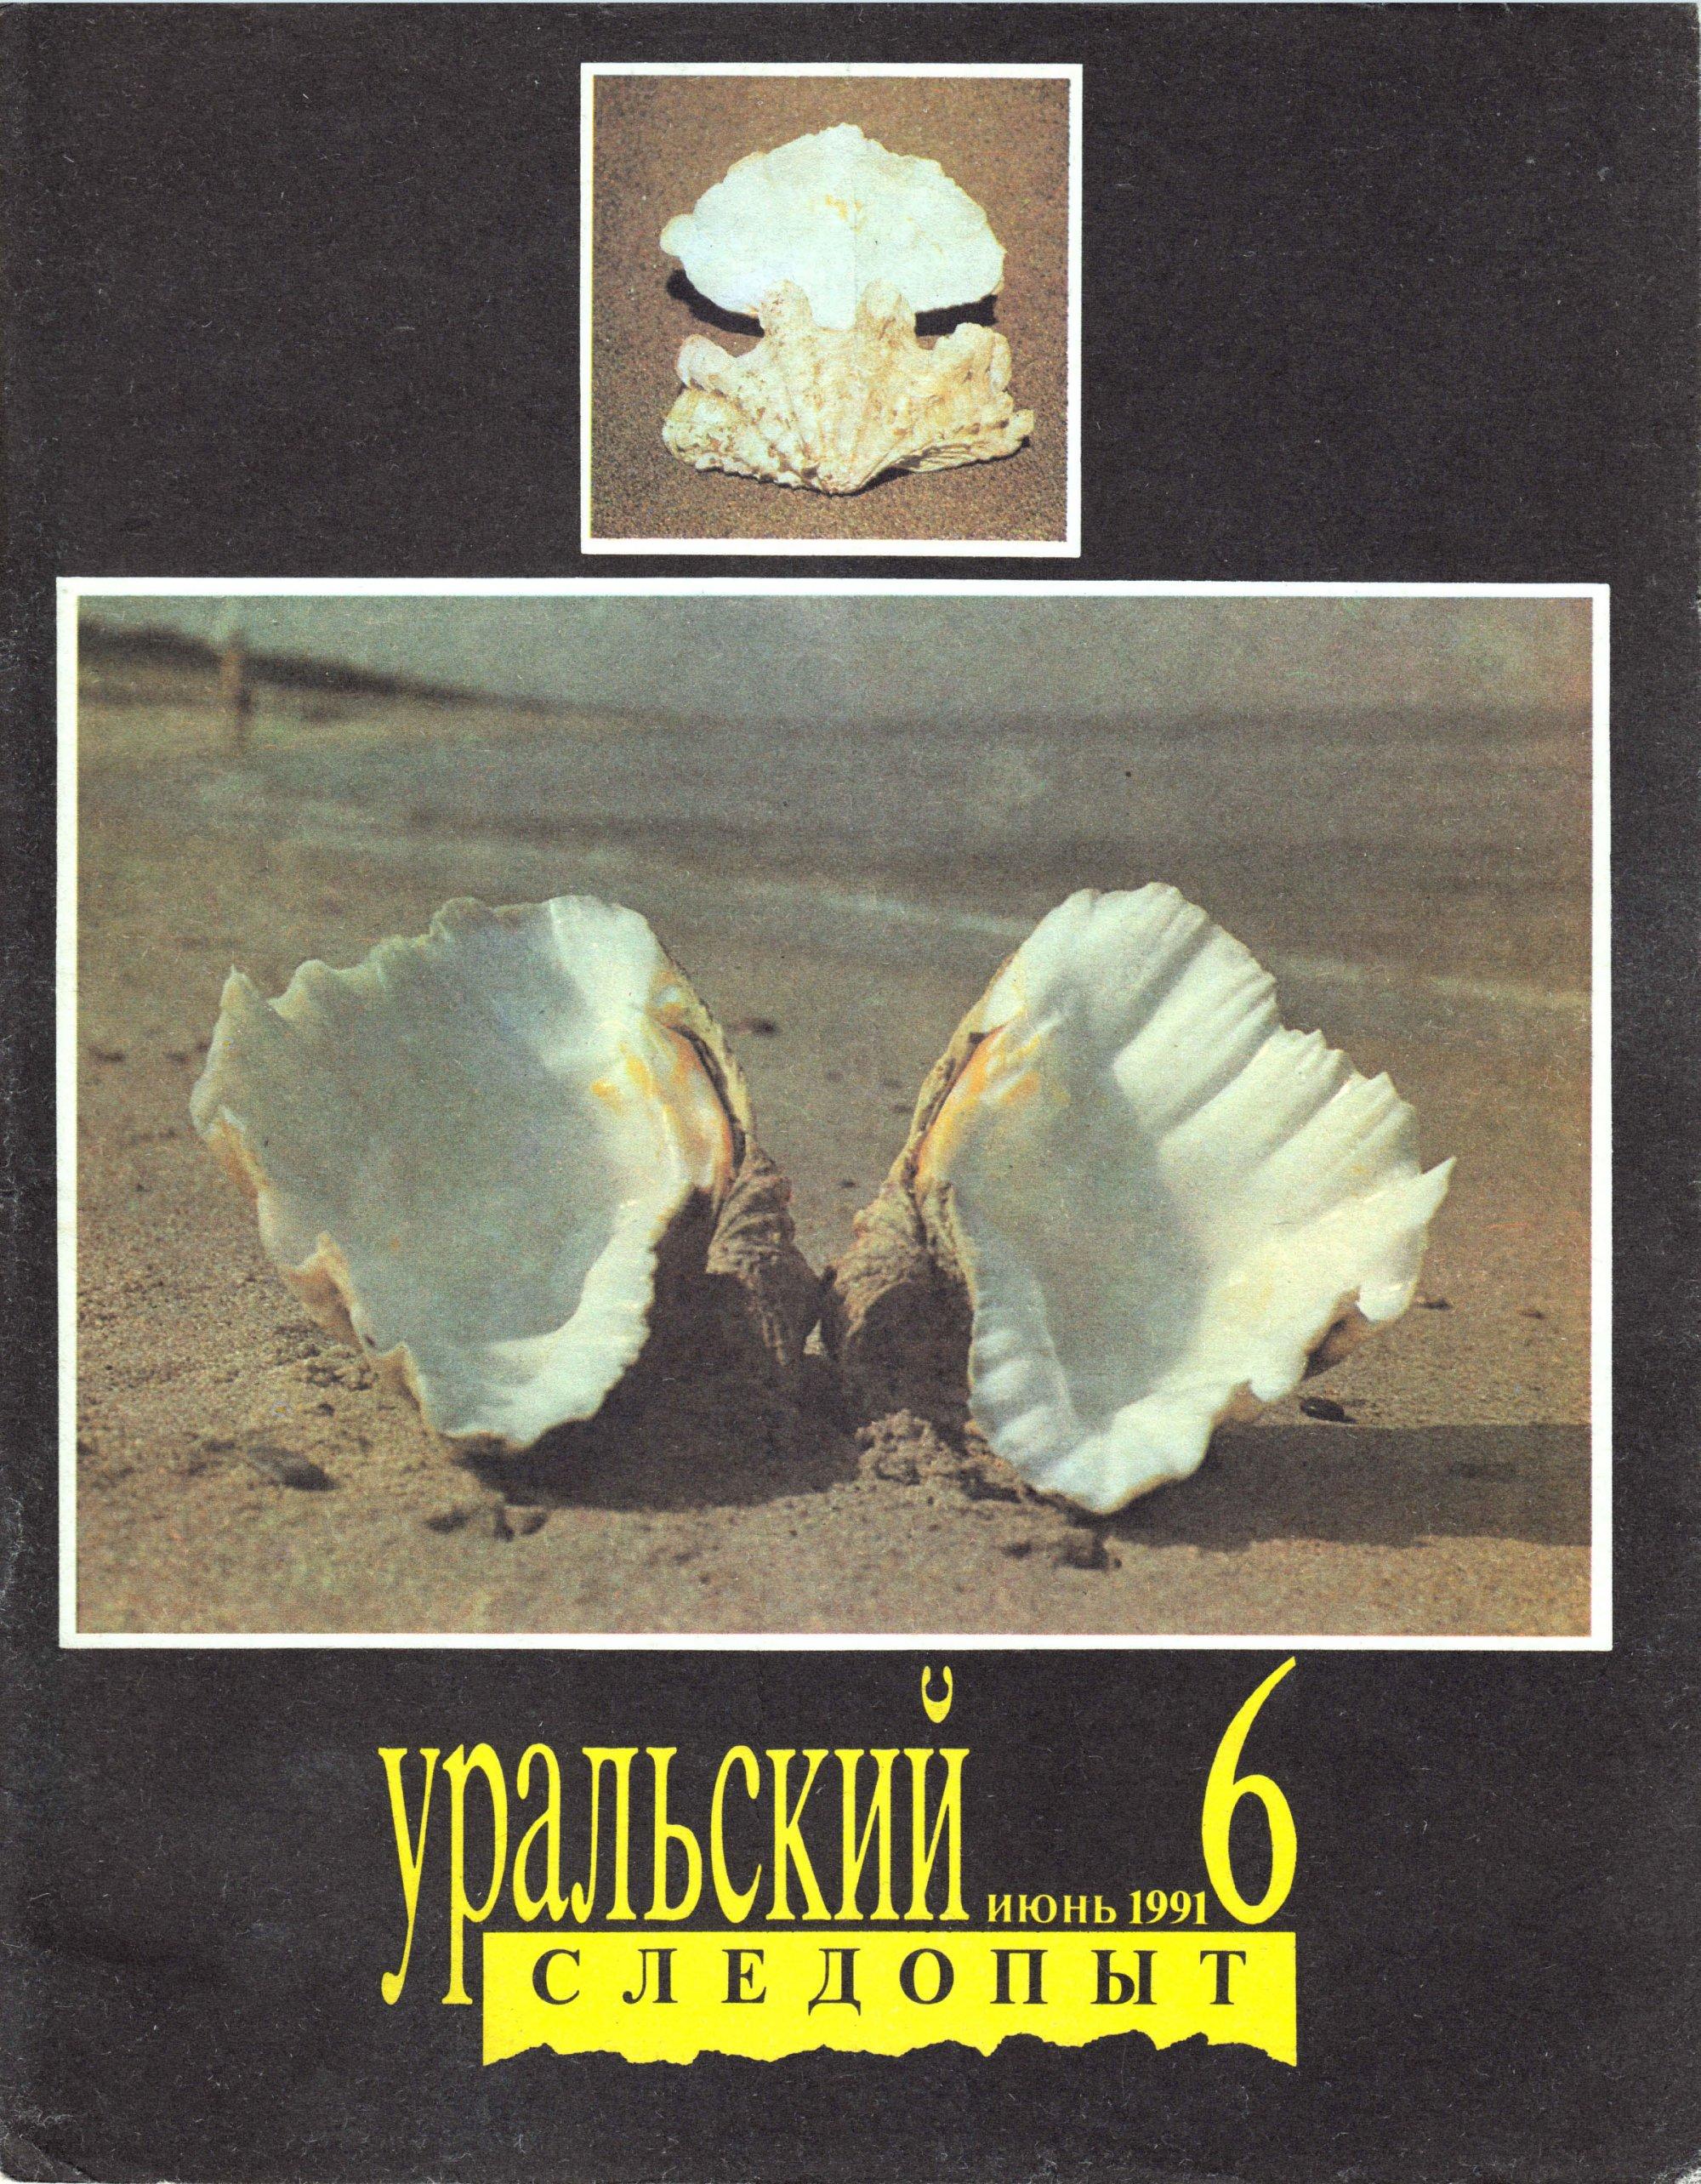 Отсутствует Уральский следопыт №06/1991 отсутствует уральский следопыт 11 1991